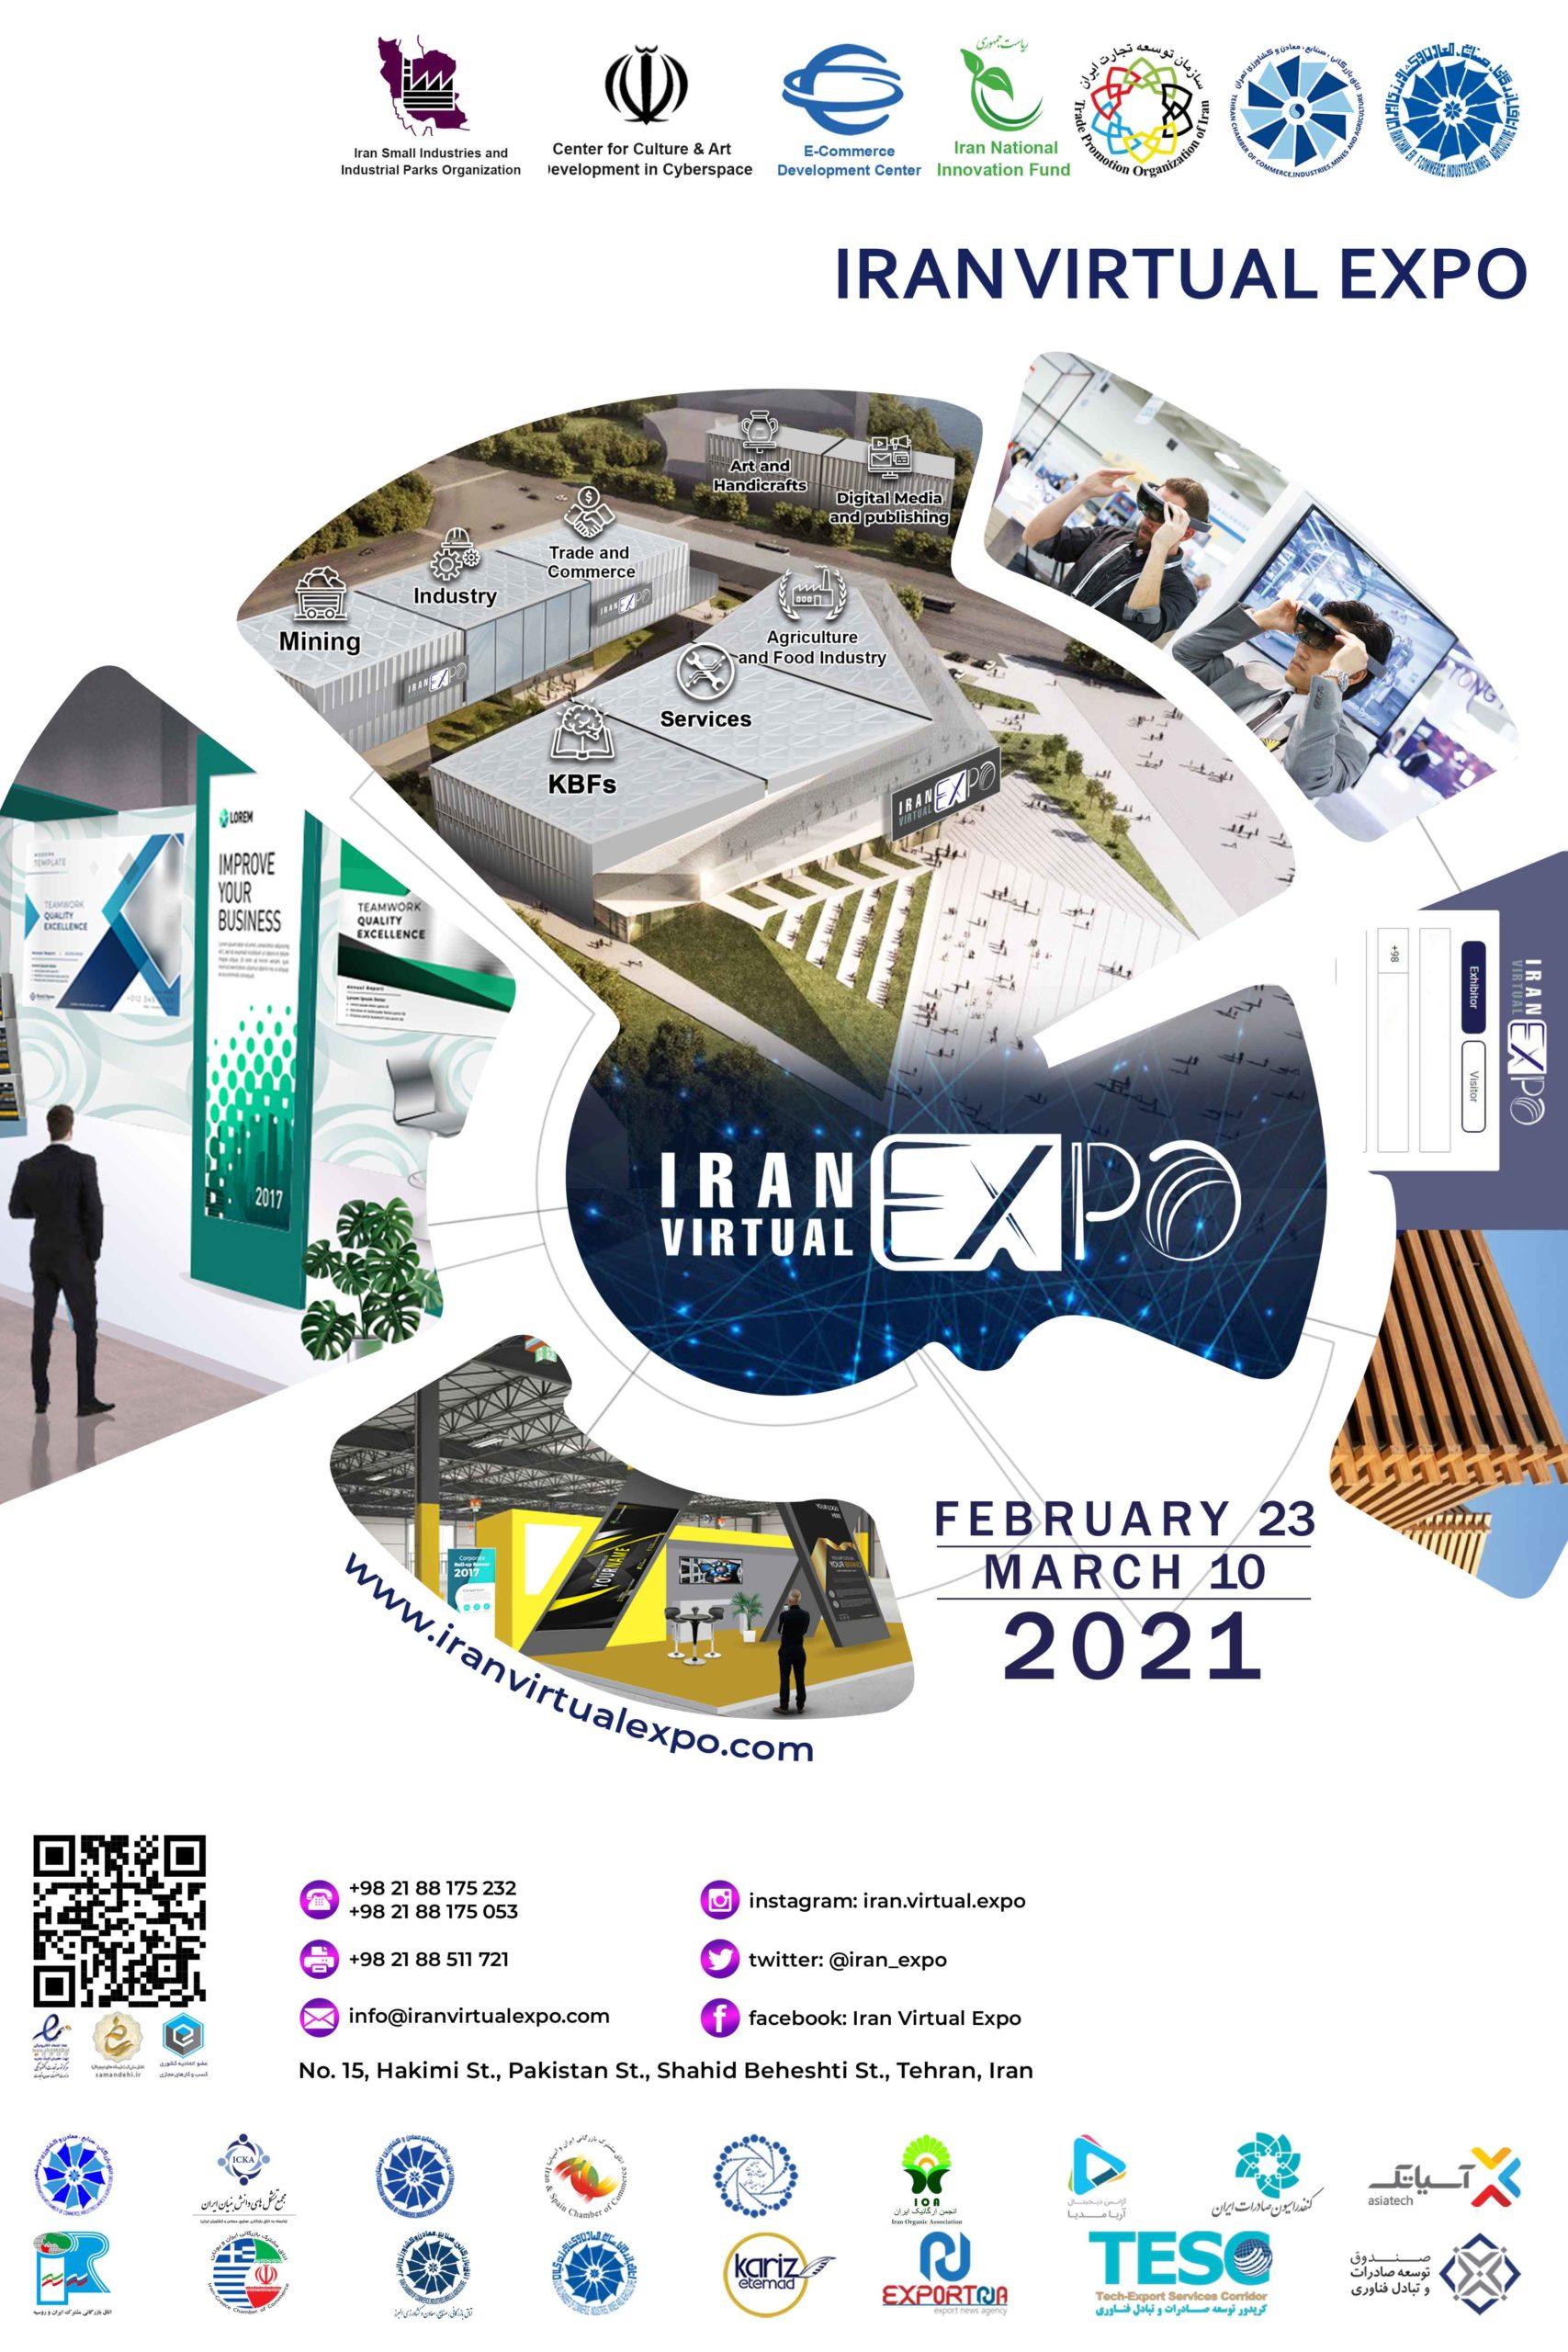 Iran Virtual Expo